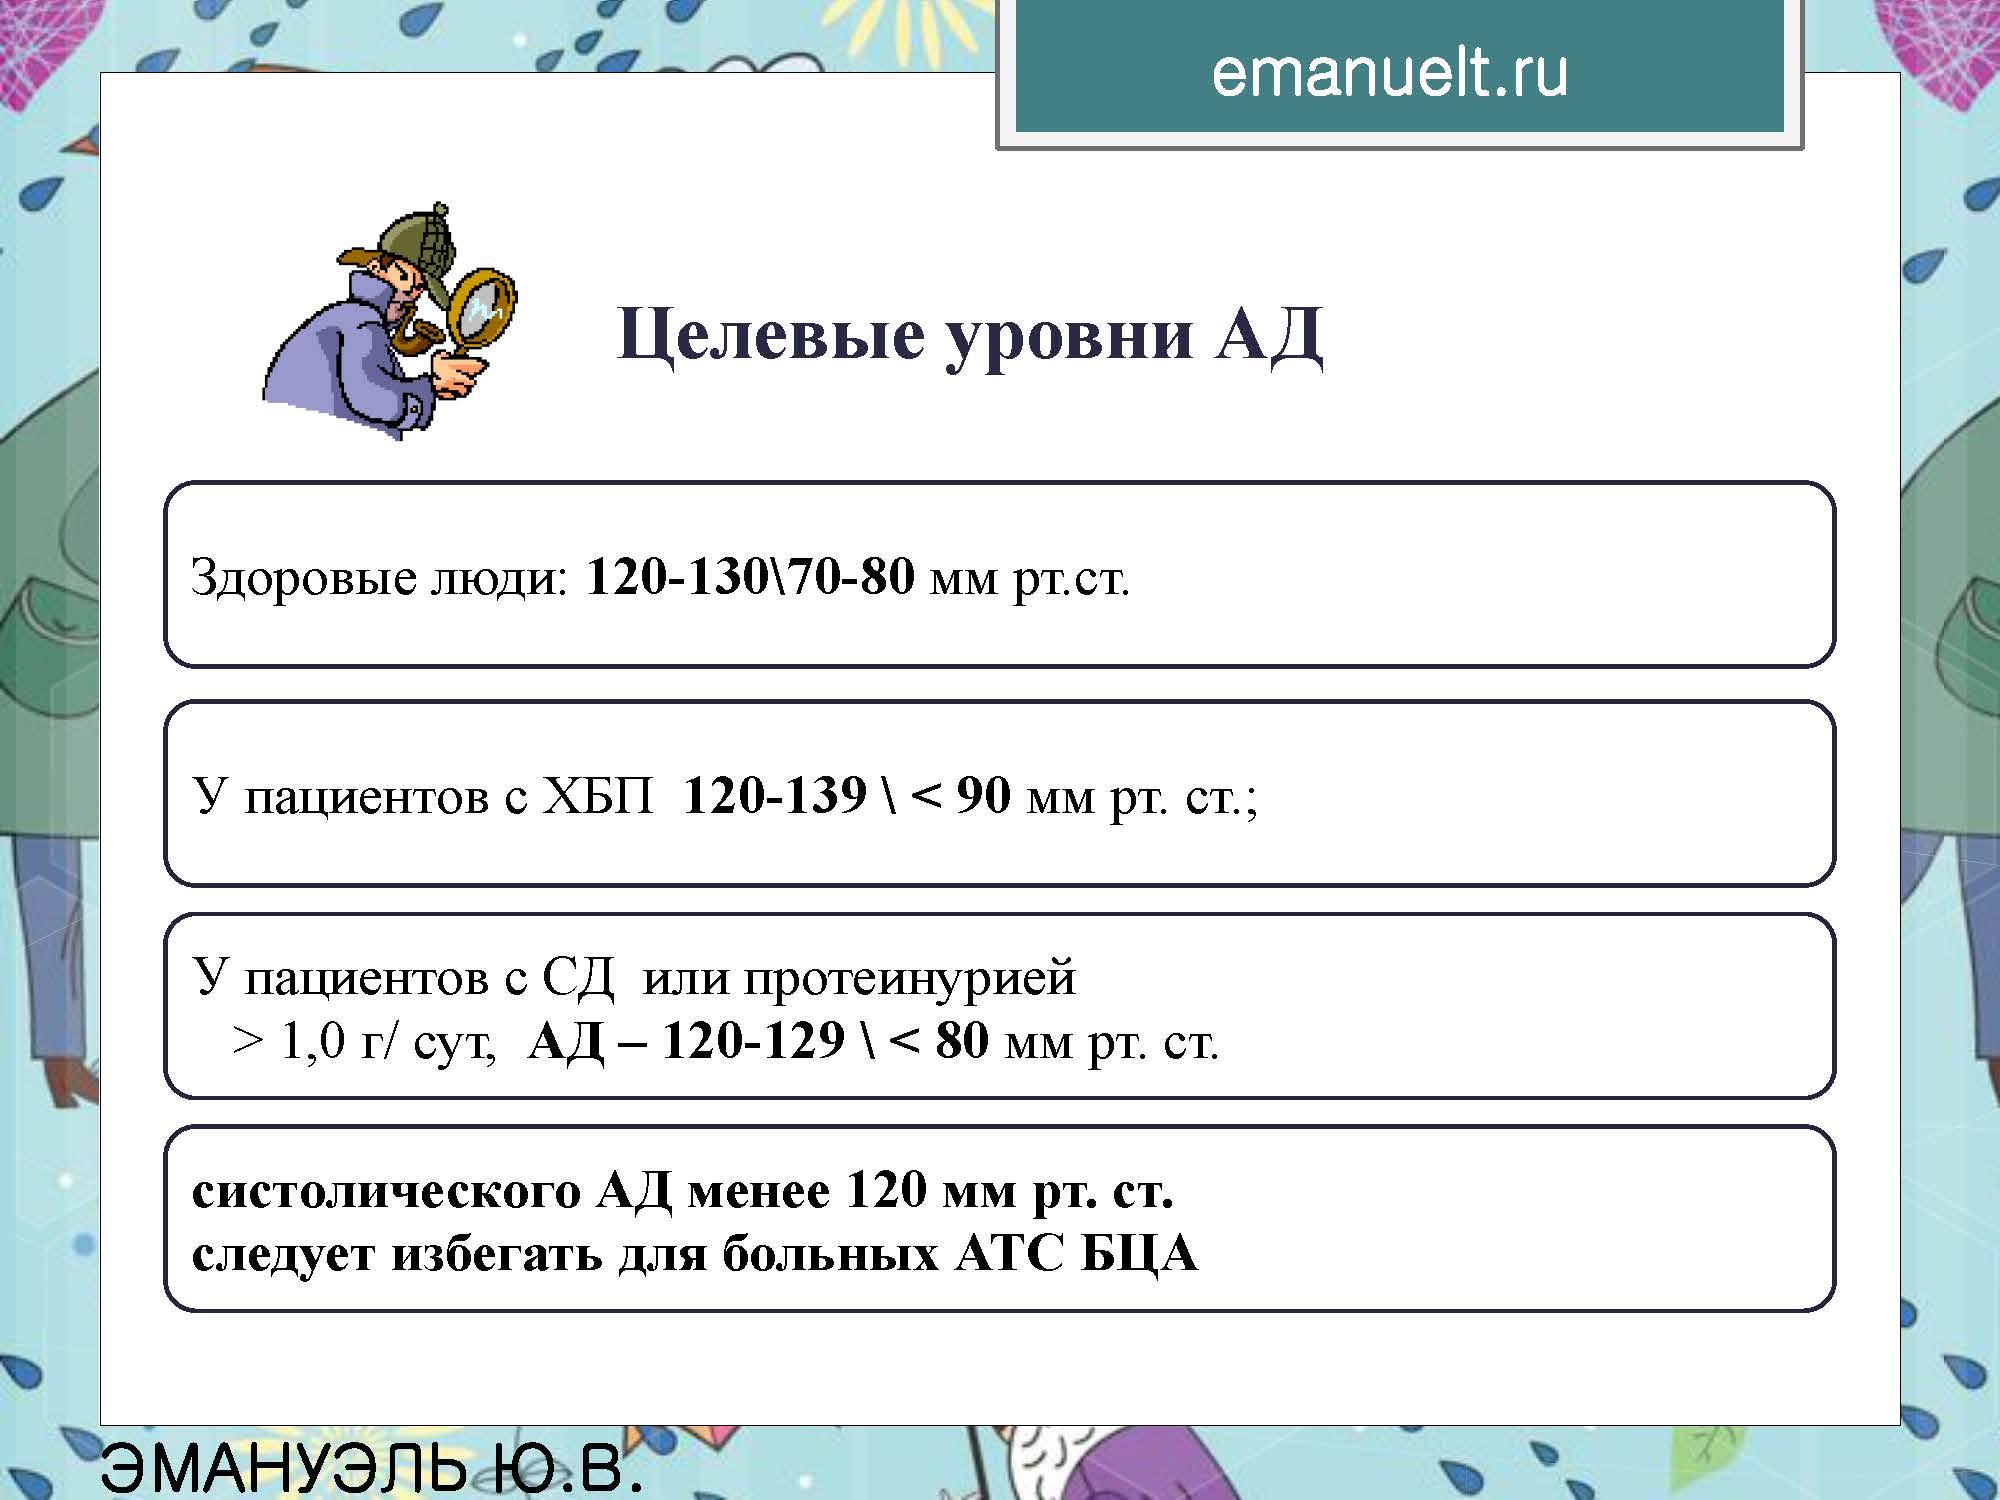 Секция 8. ЭЮВ. СПбГМУ.  26.03_Страница_11